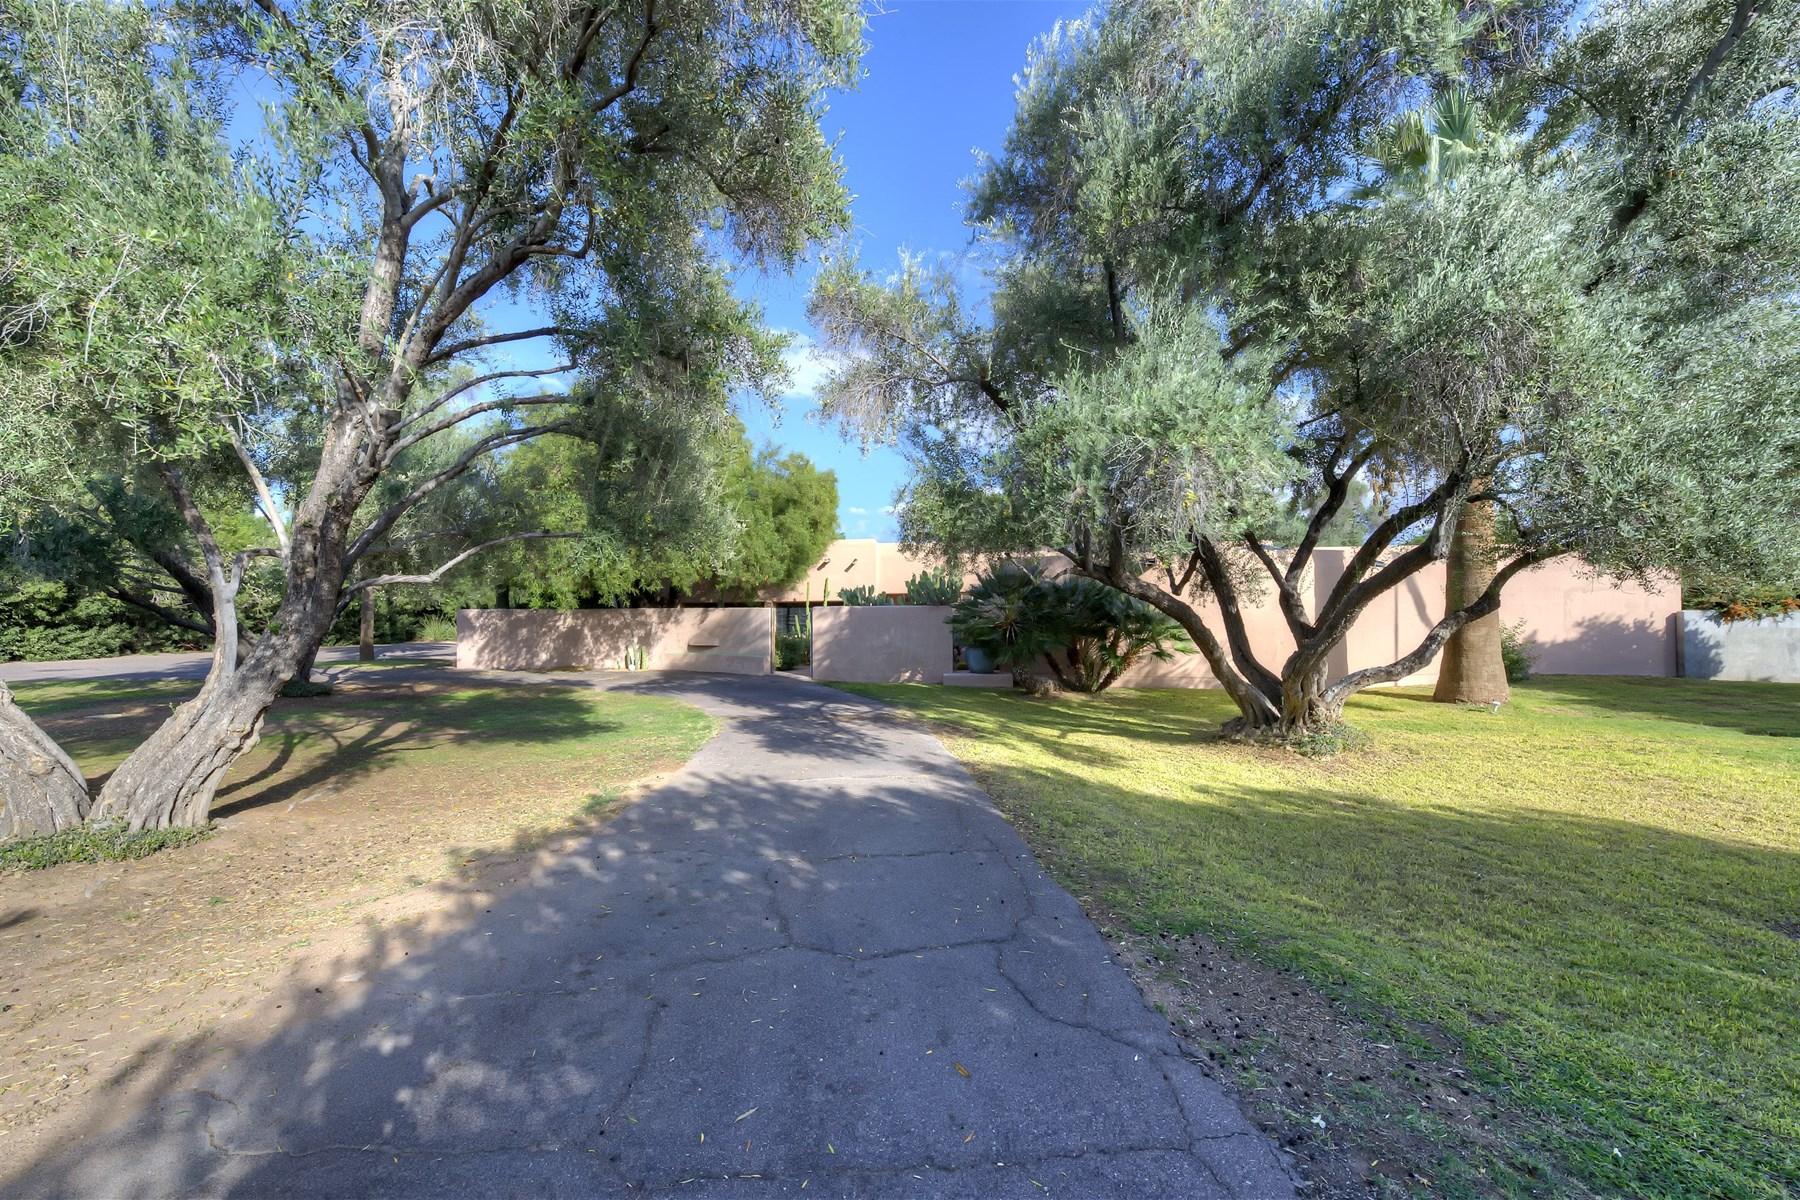 Casa Unifamiliar por un Venta en Unique And Private Historic Adobe Home In Paradise Valley 5745 N Quail Run Rd Paradise Valley, Arizona 85253 Estados Unidos